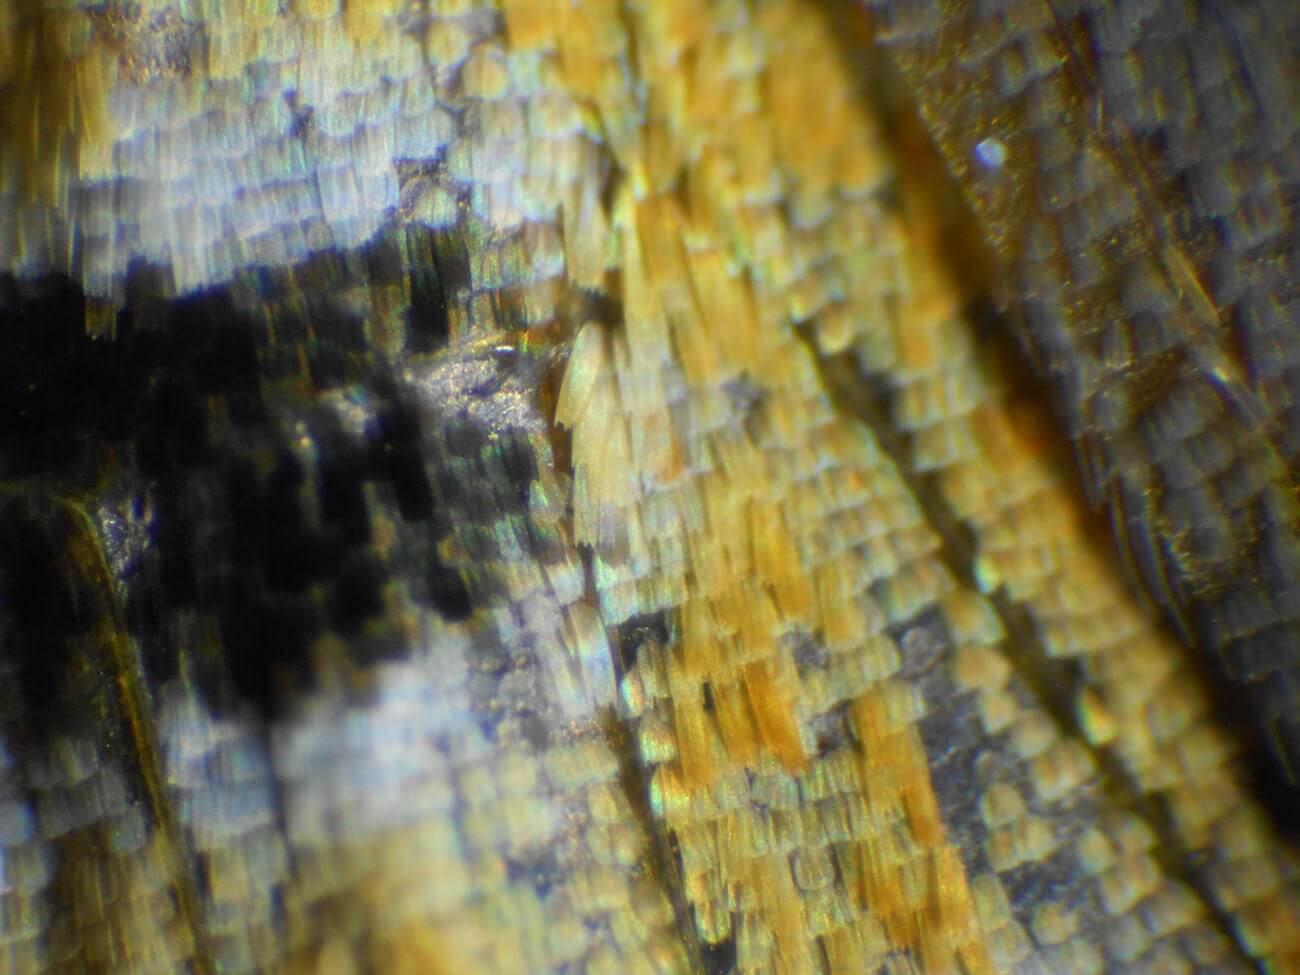 蝶の鱗粉のミクロ観察顕微鏡写真3